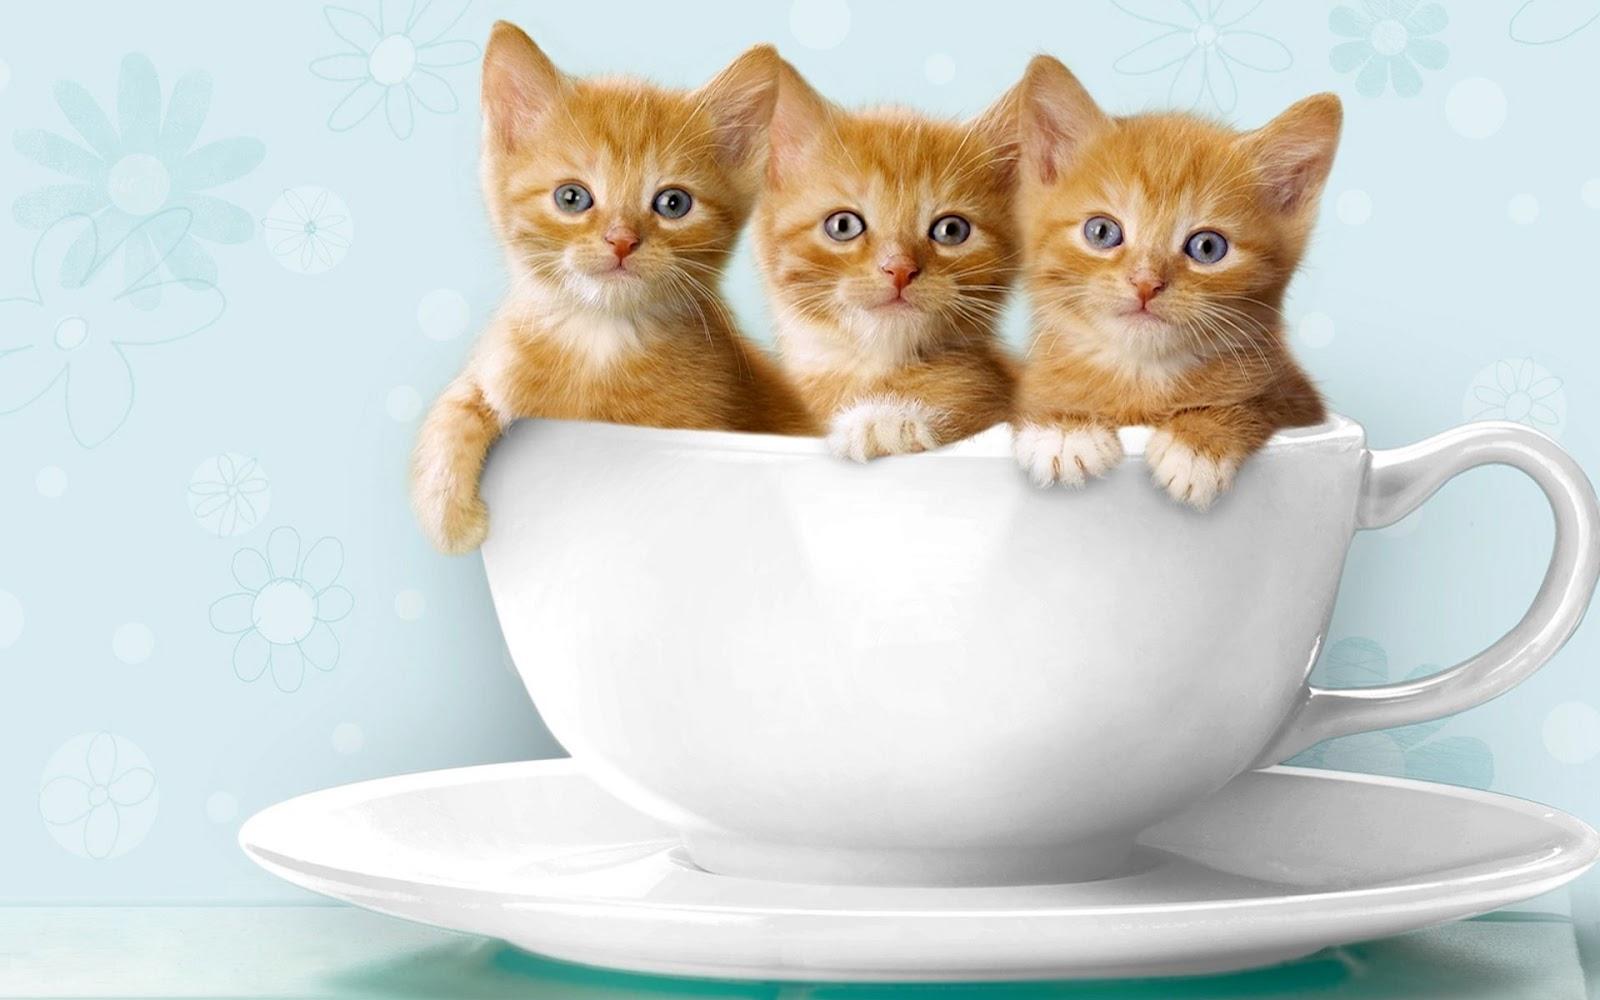 http://2.bp.blogspot.com/-w4TMQky7lb0/UA7Jv8BzoFI/AAAAAAAADDE/P2nd8CNSQzM/s1600/kucing+lucu.jpg